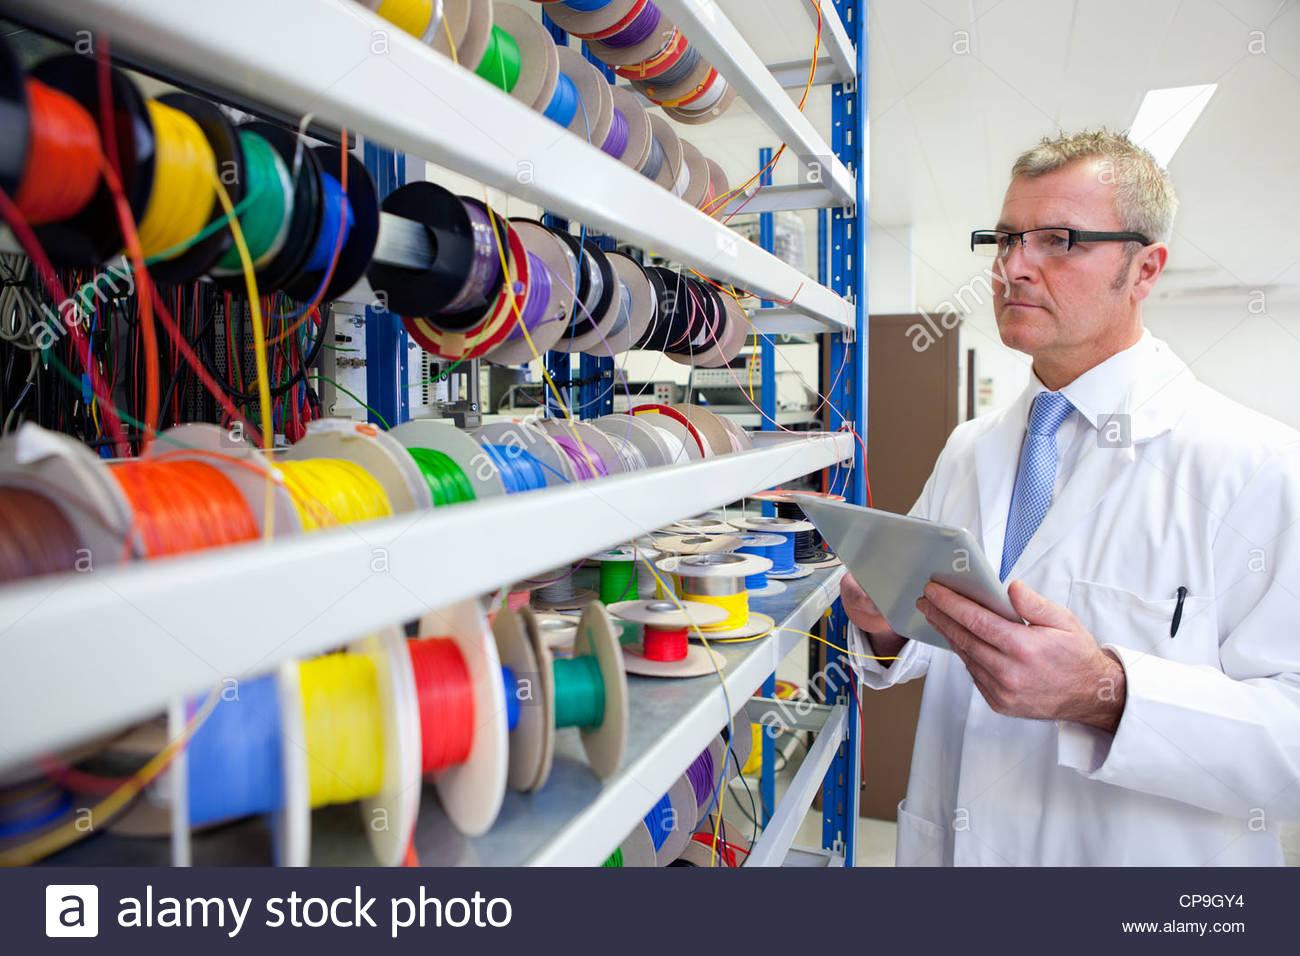 Ingegnere, inventario di vibranti di bobine di filo sulla tavoletta digitale in laboratorio Immagini Stock